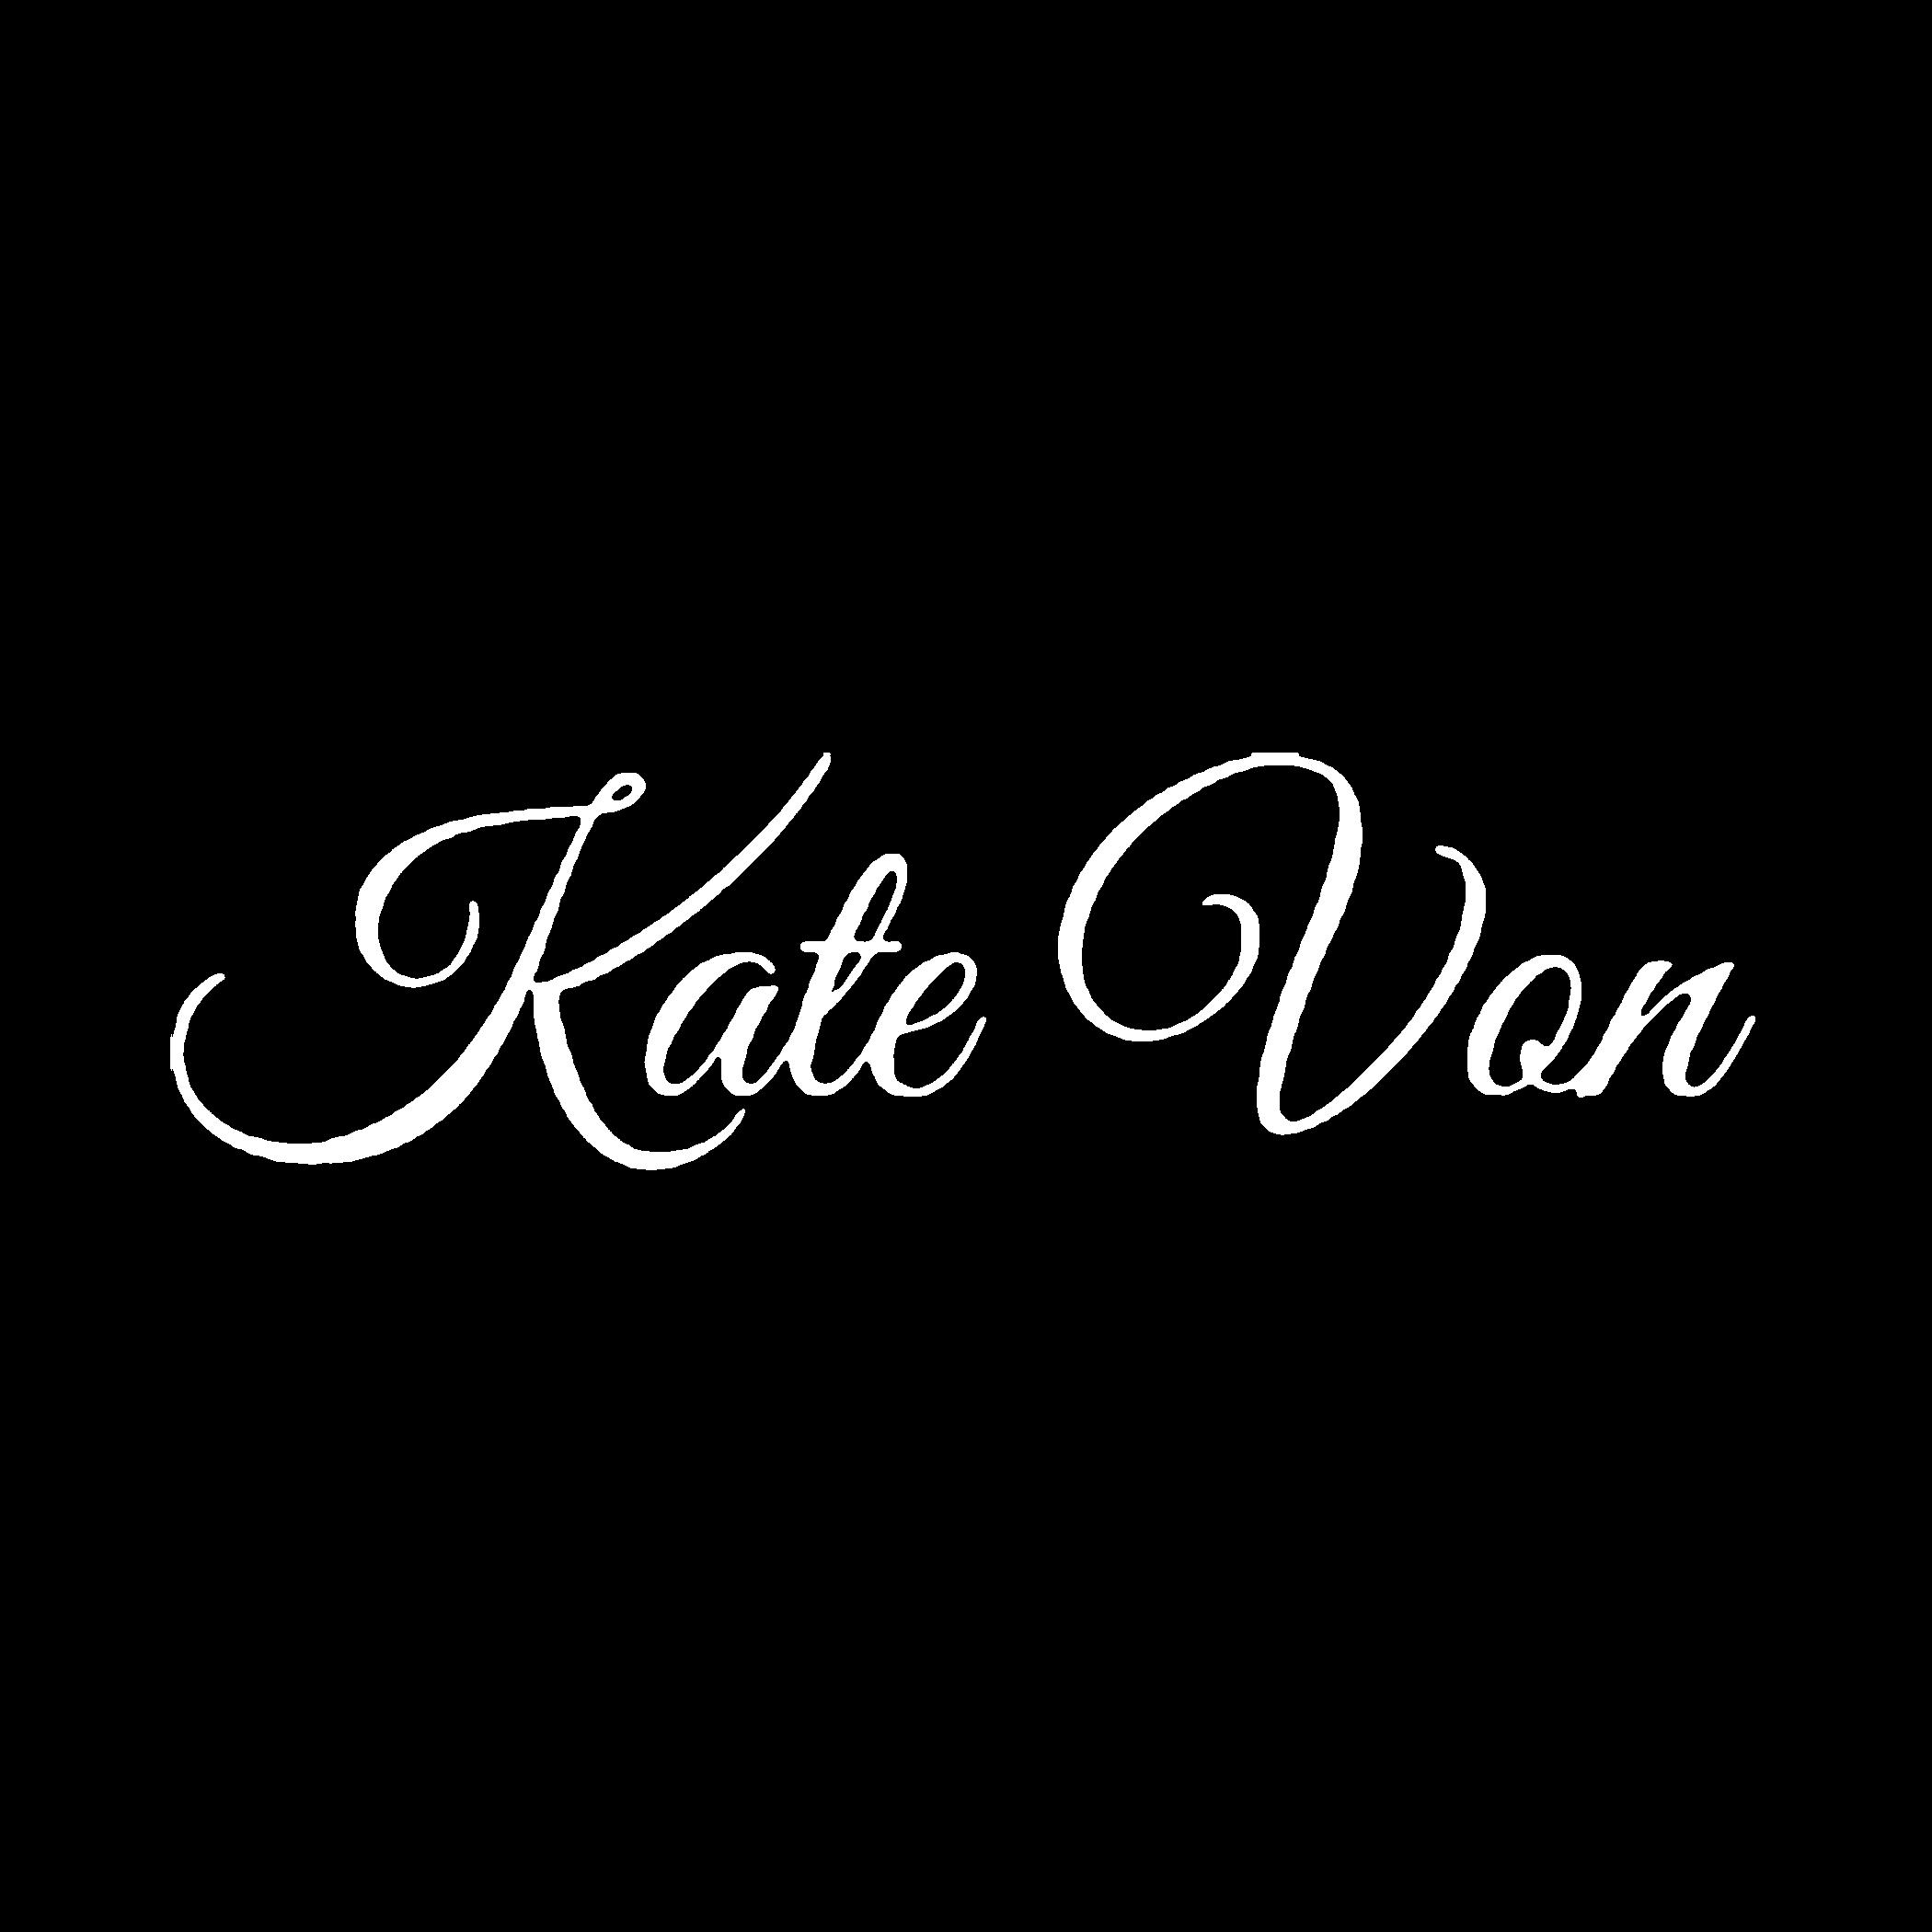 Kate-Von